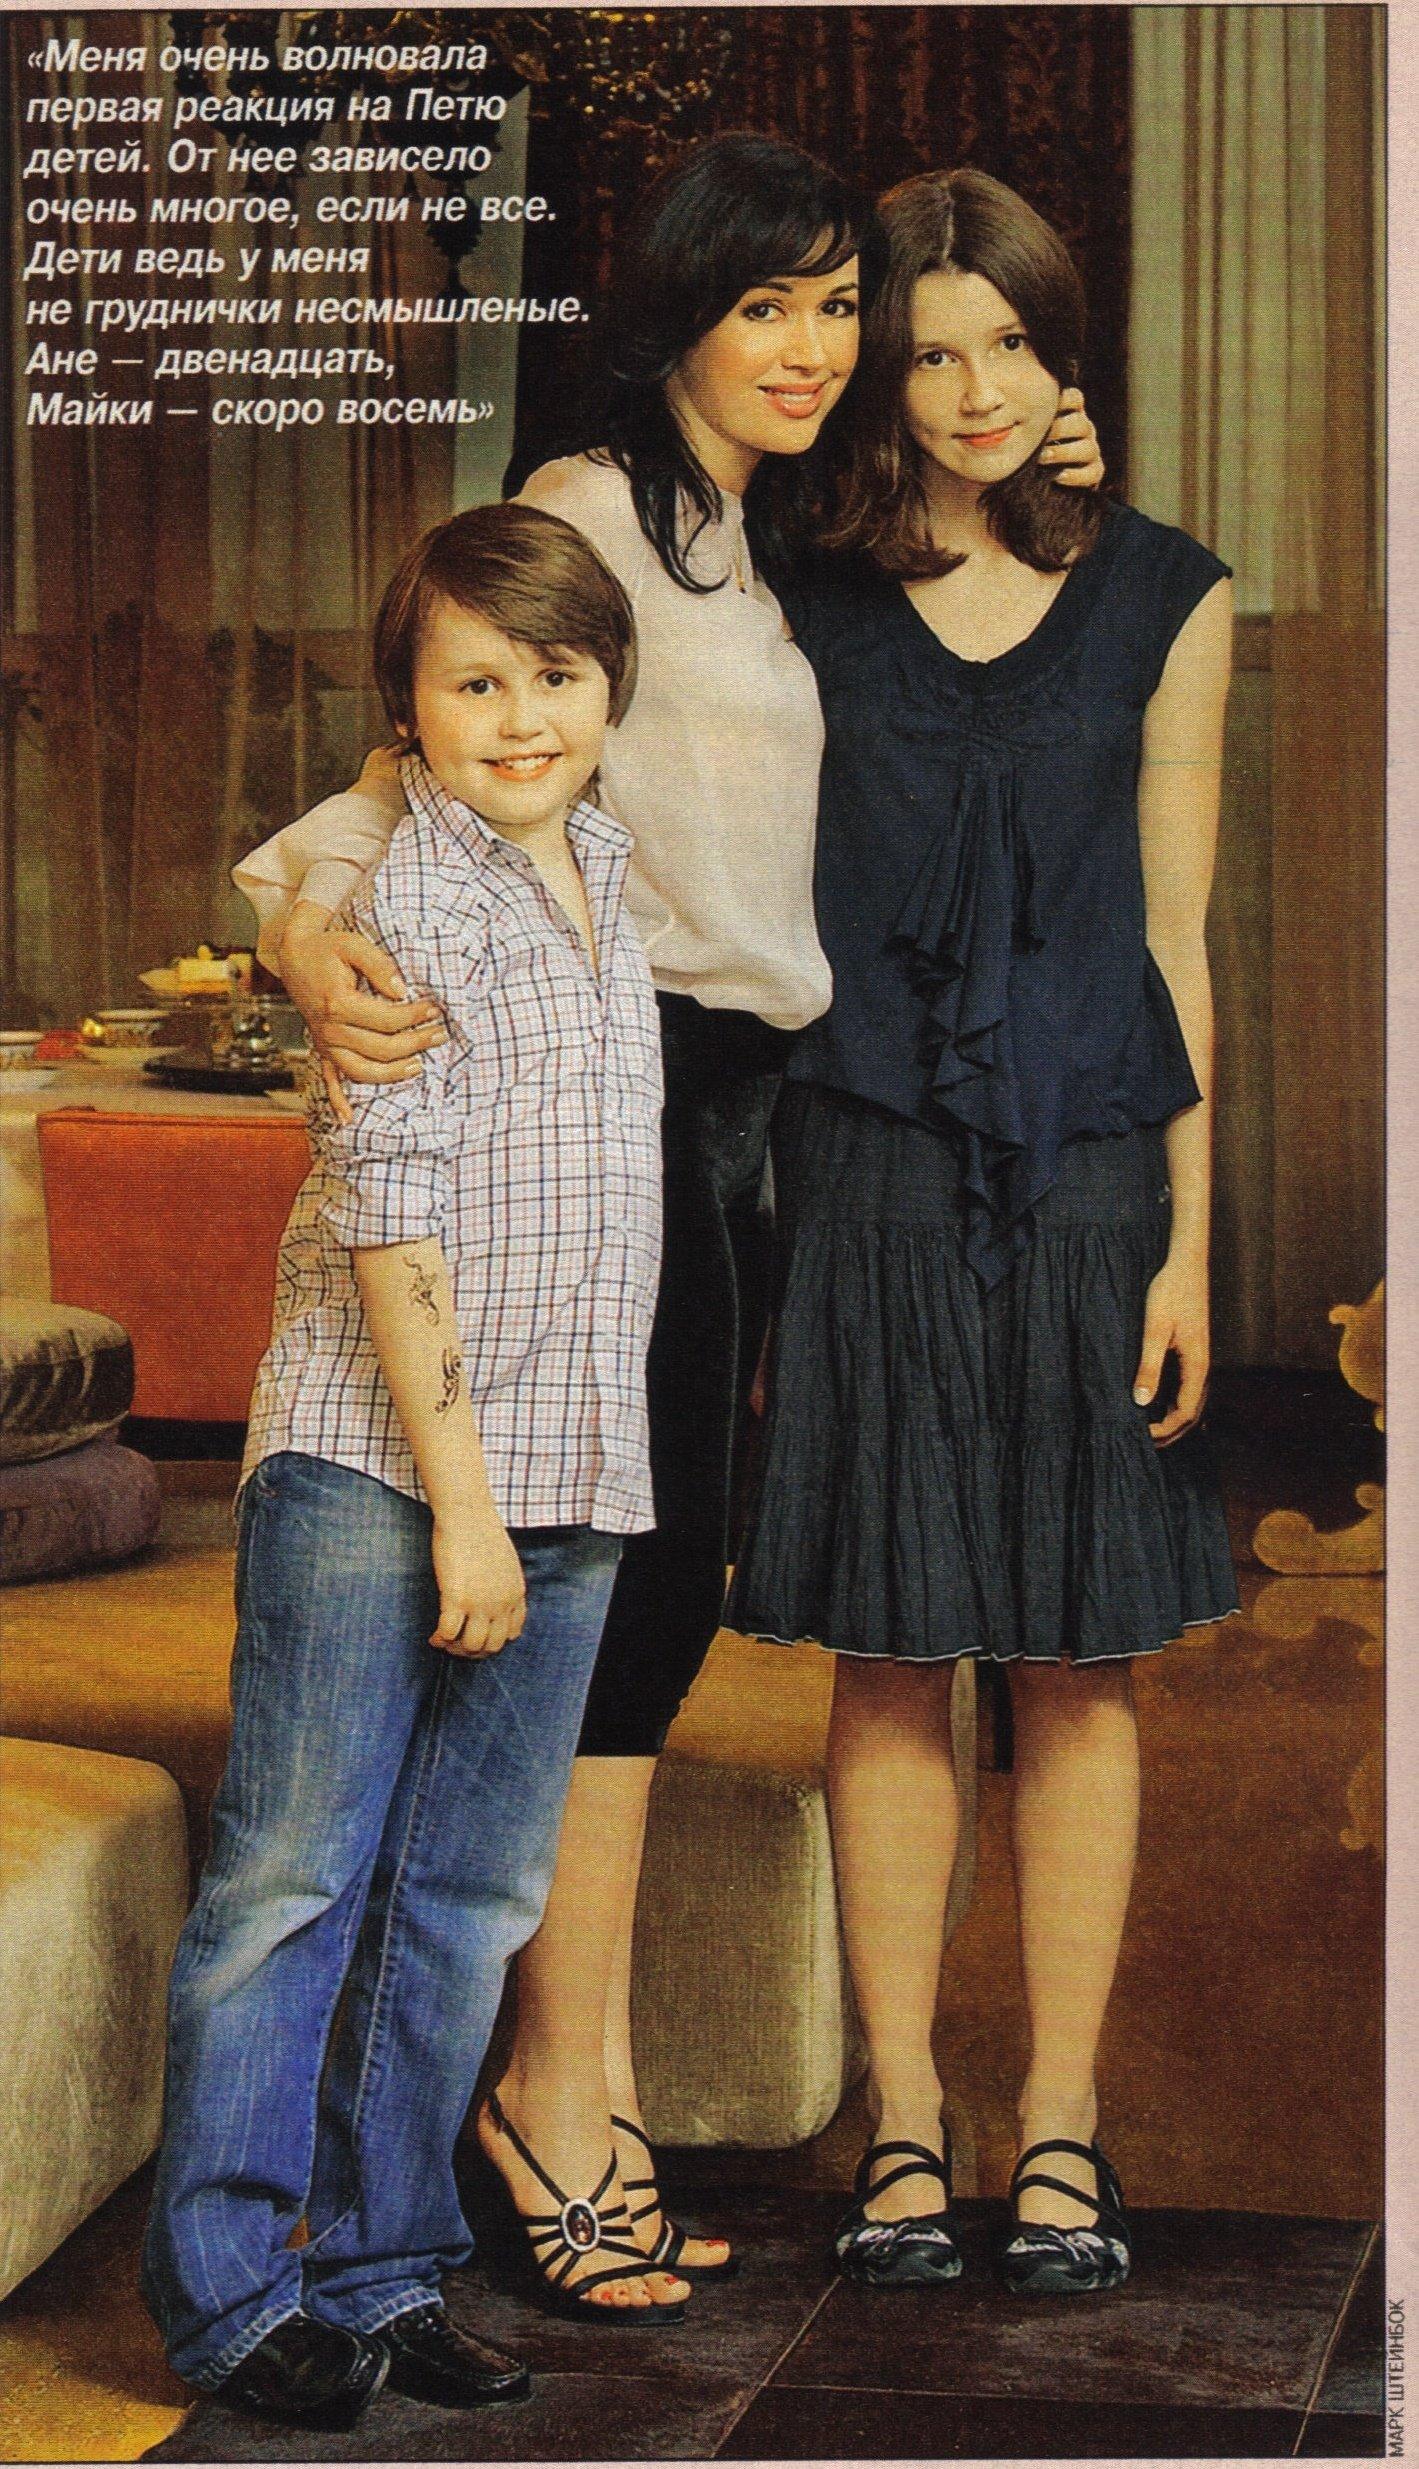 А заворотнюк фото с детьми